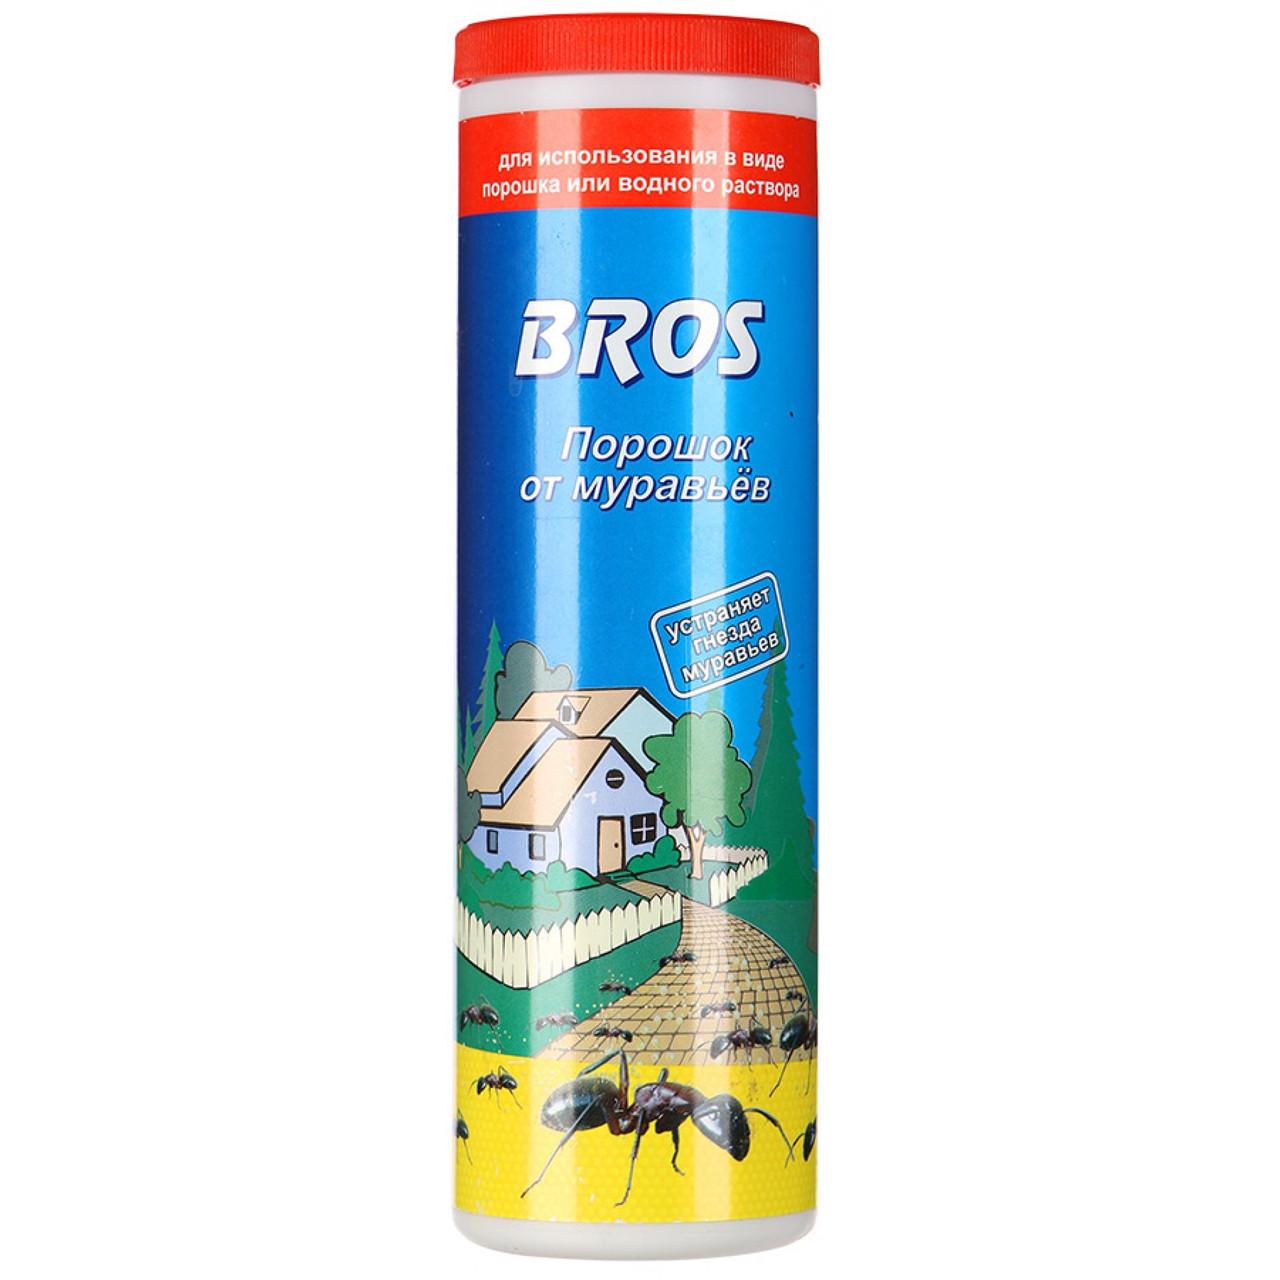 Средство от муравьёв Bros Брос 250 г